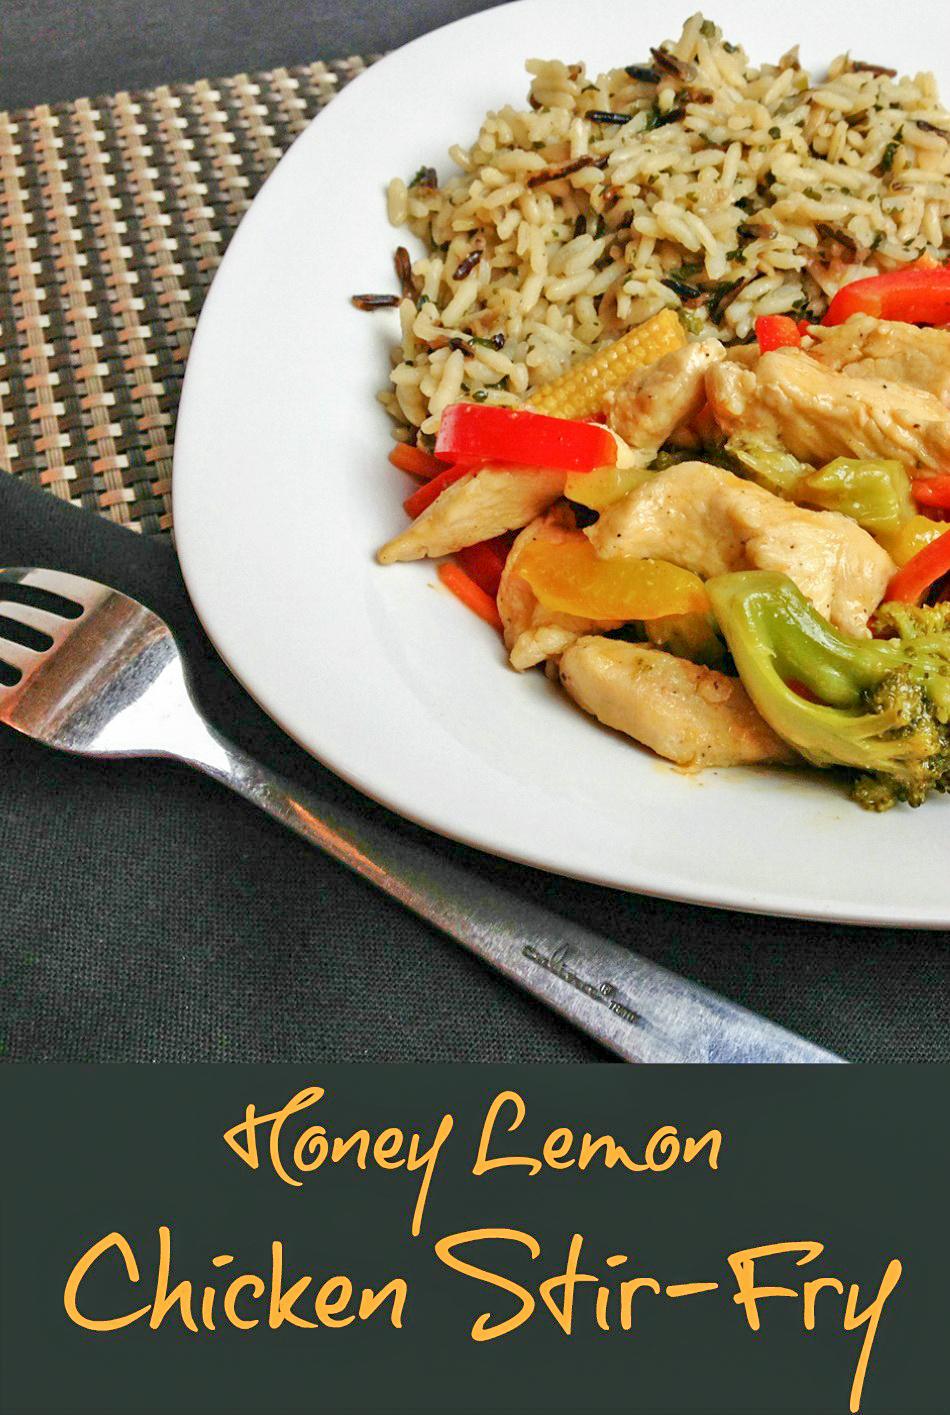 Honey Lemon Chicken Stir-Fry banner 3